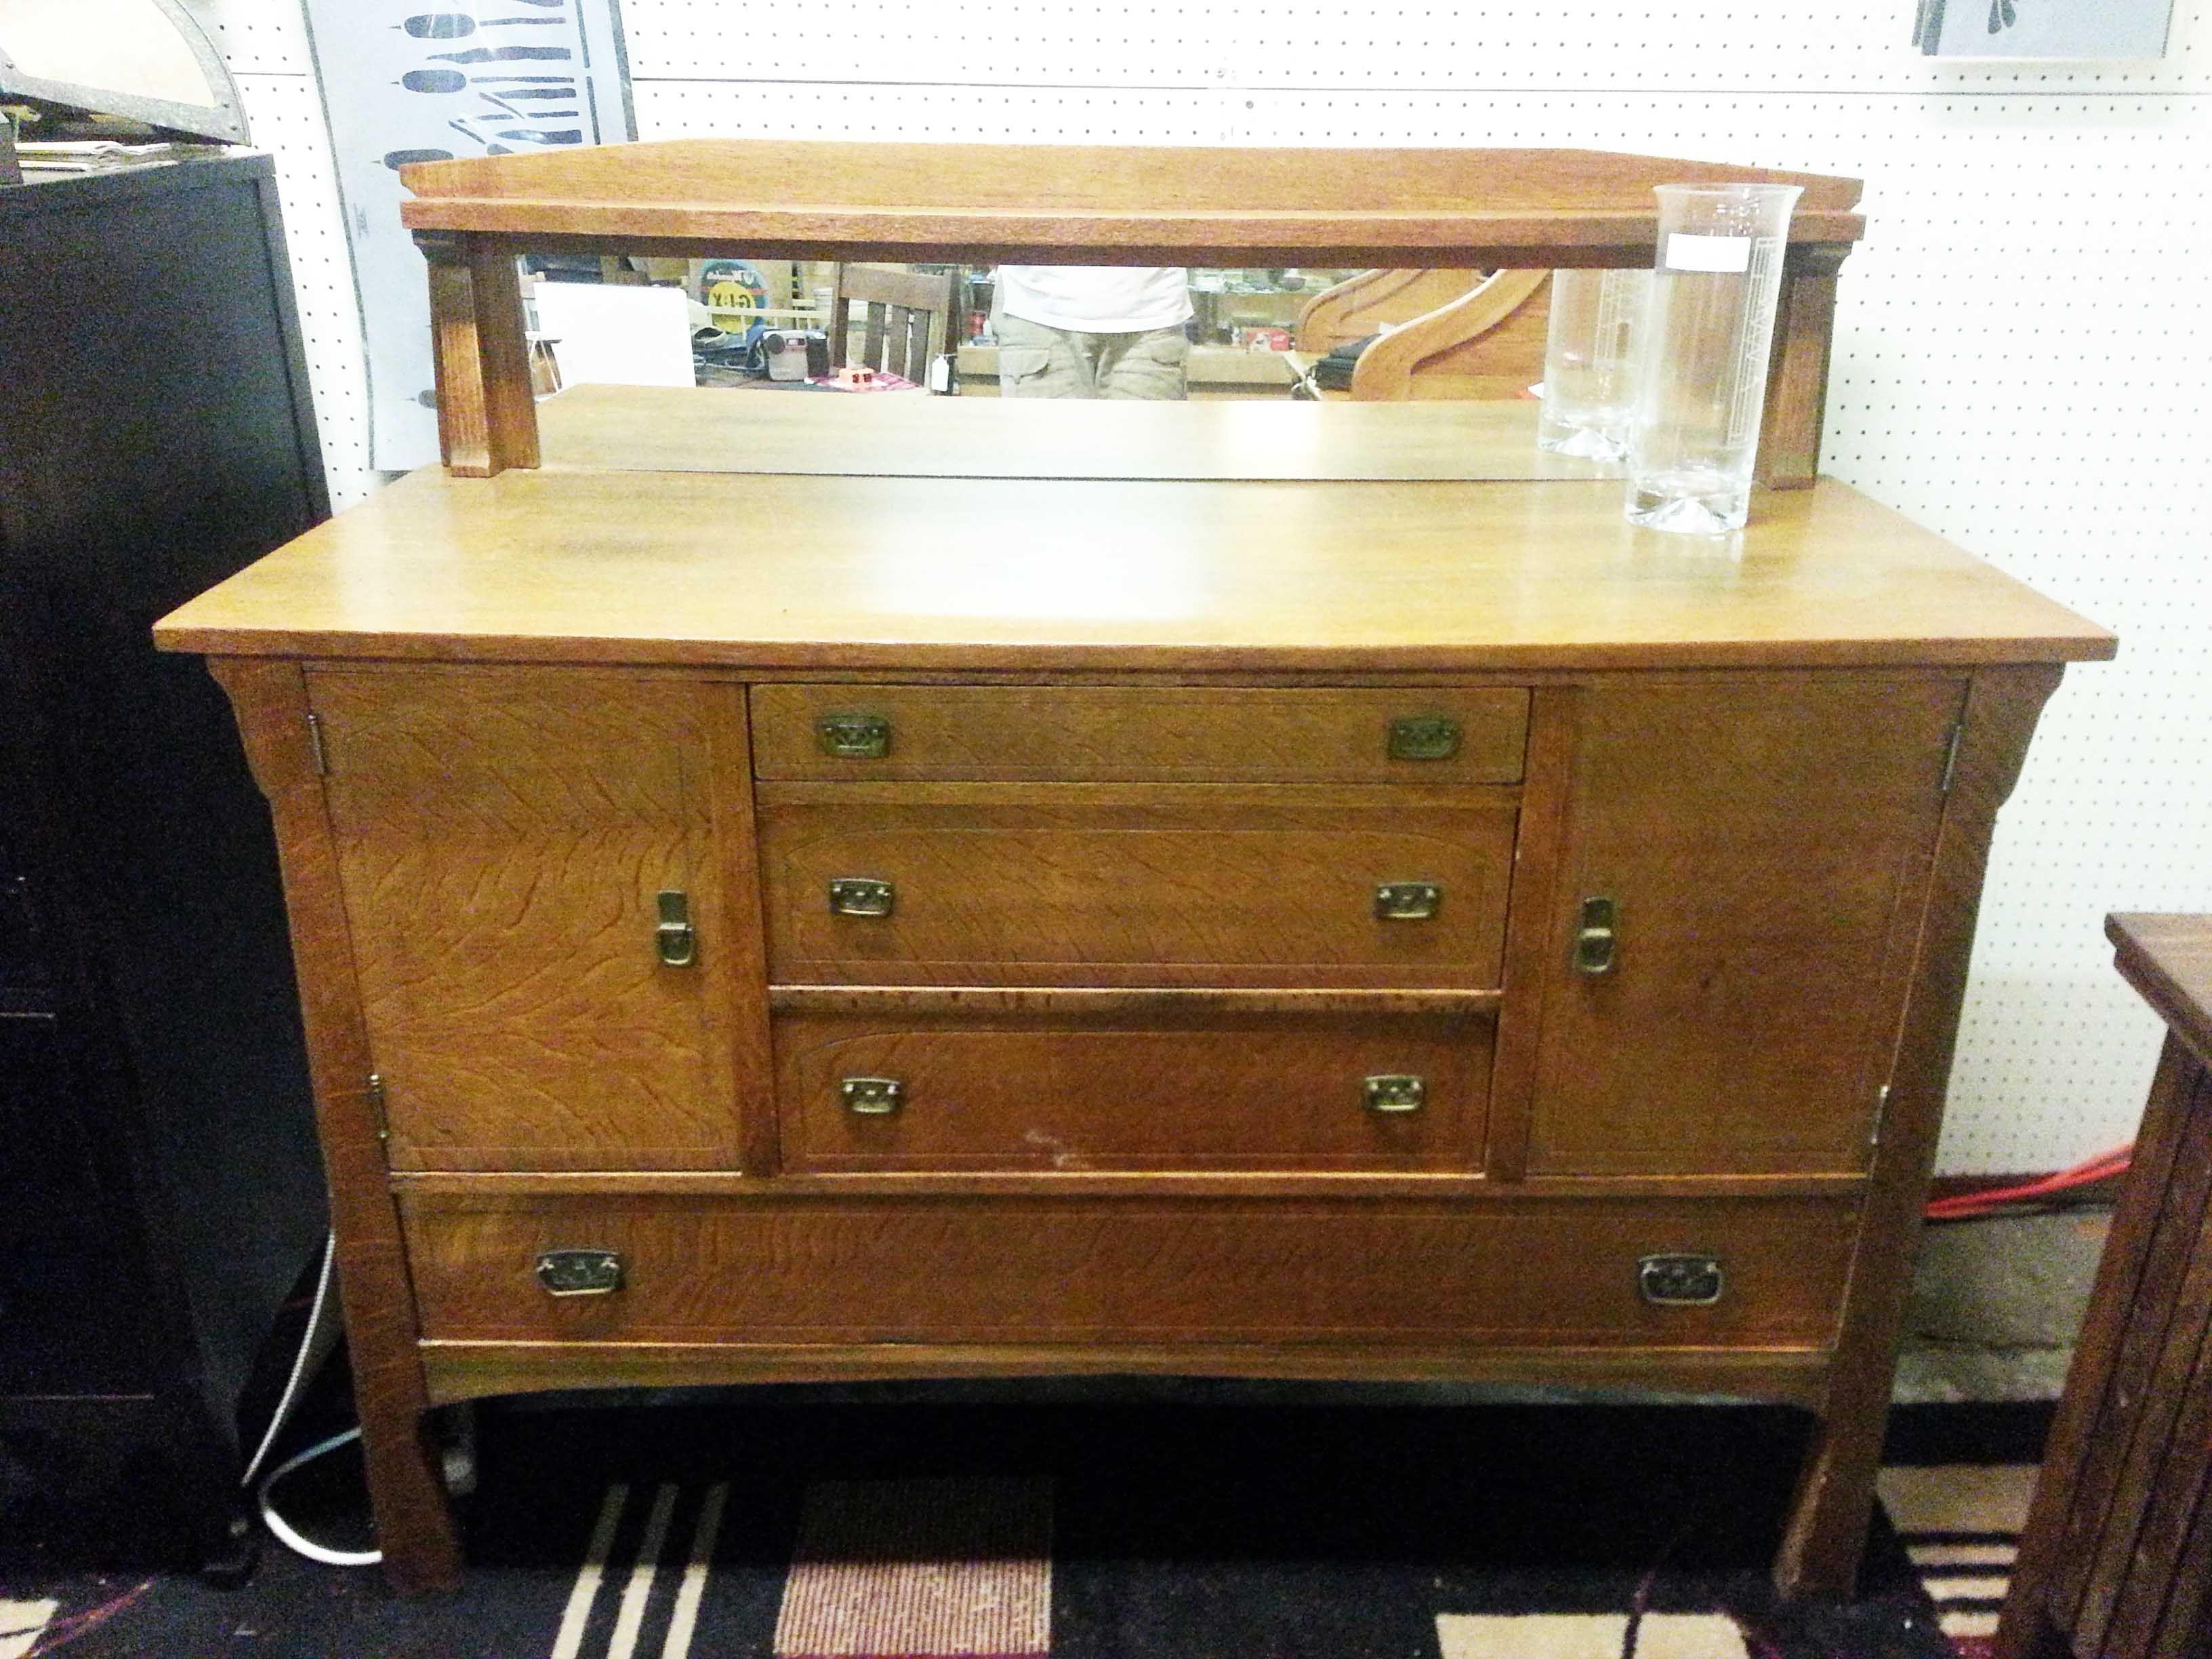 vintage craftsman voorhees thru mission category with j original drawer hammered furniture paneled tenons stickley desks copper g desk l hardware oak